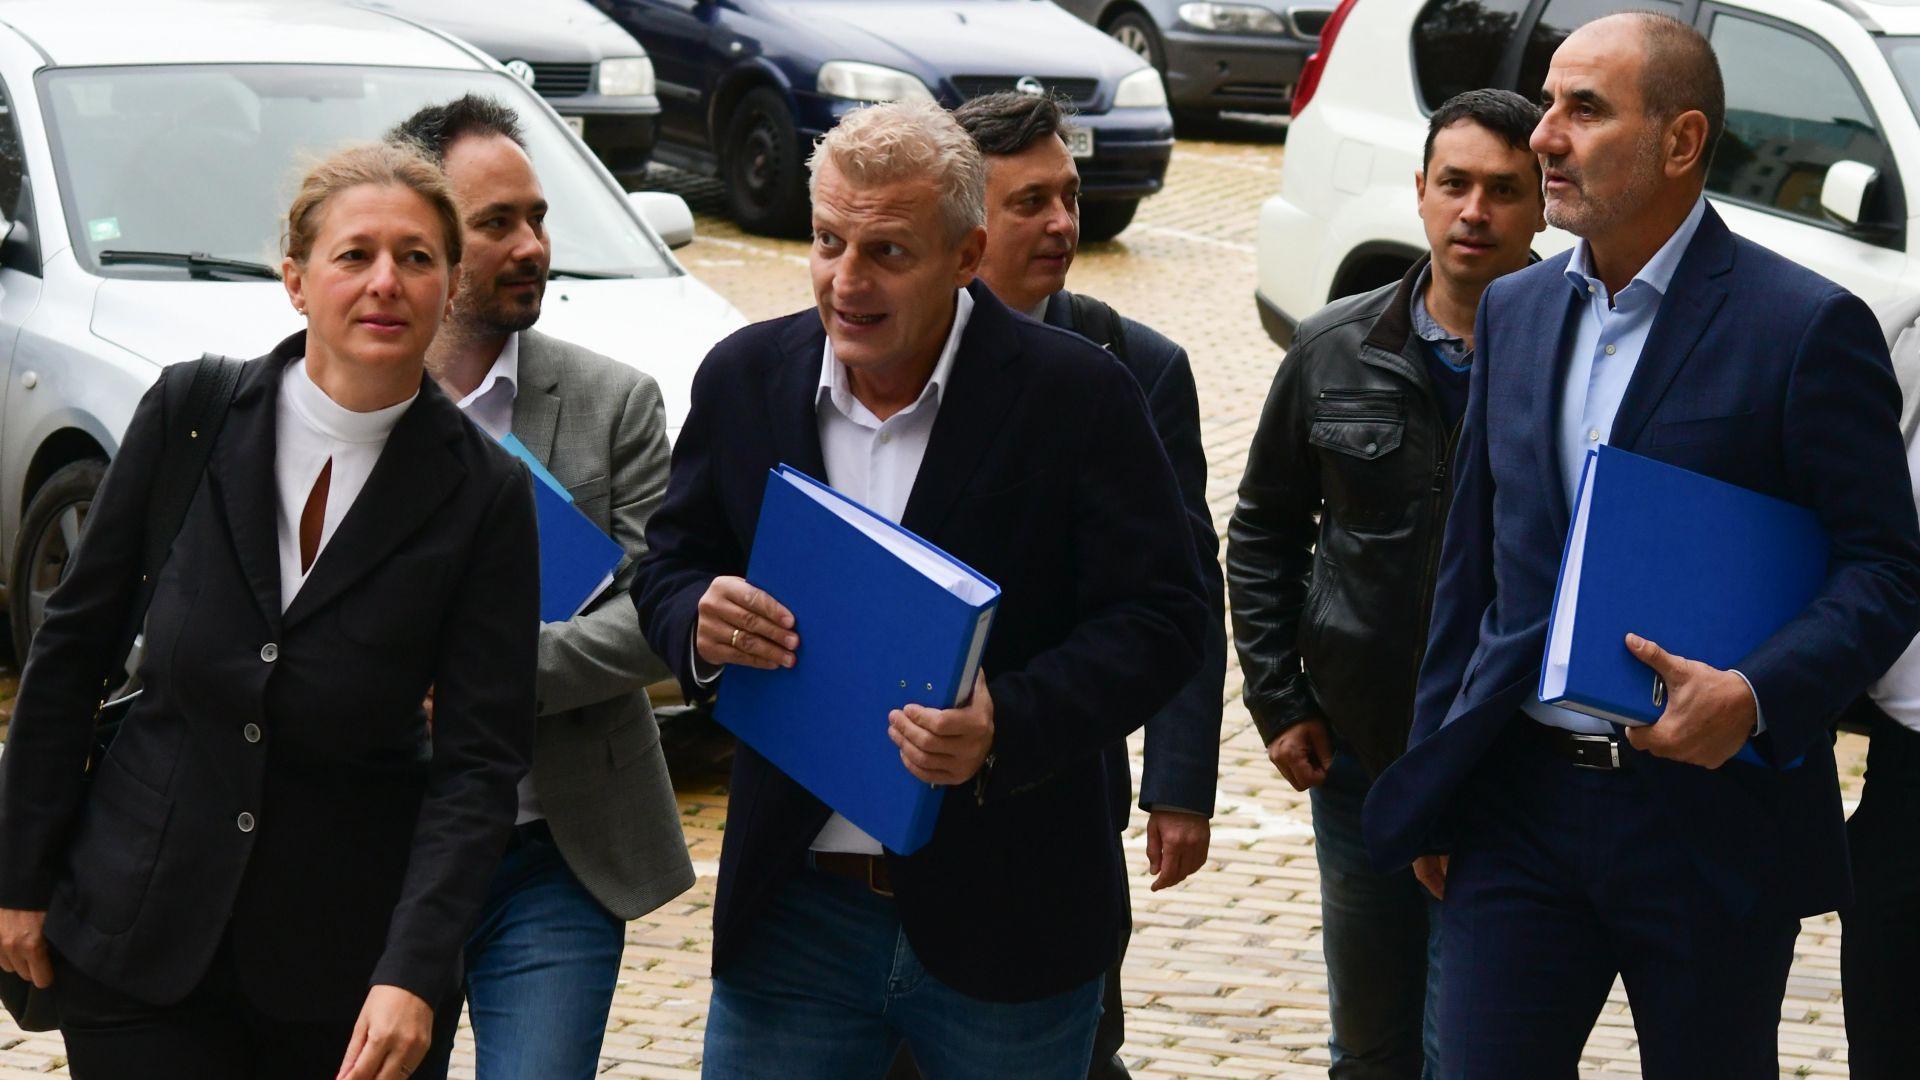 Цветан Цветанов и Петър Москов в коалиция на изборите, издигат кандидат-президент